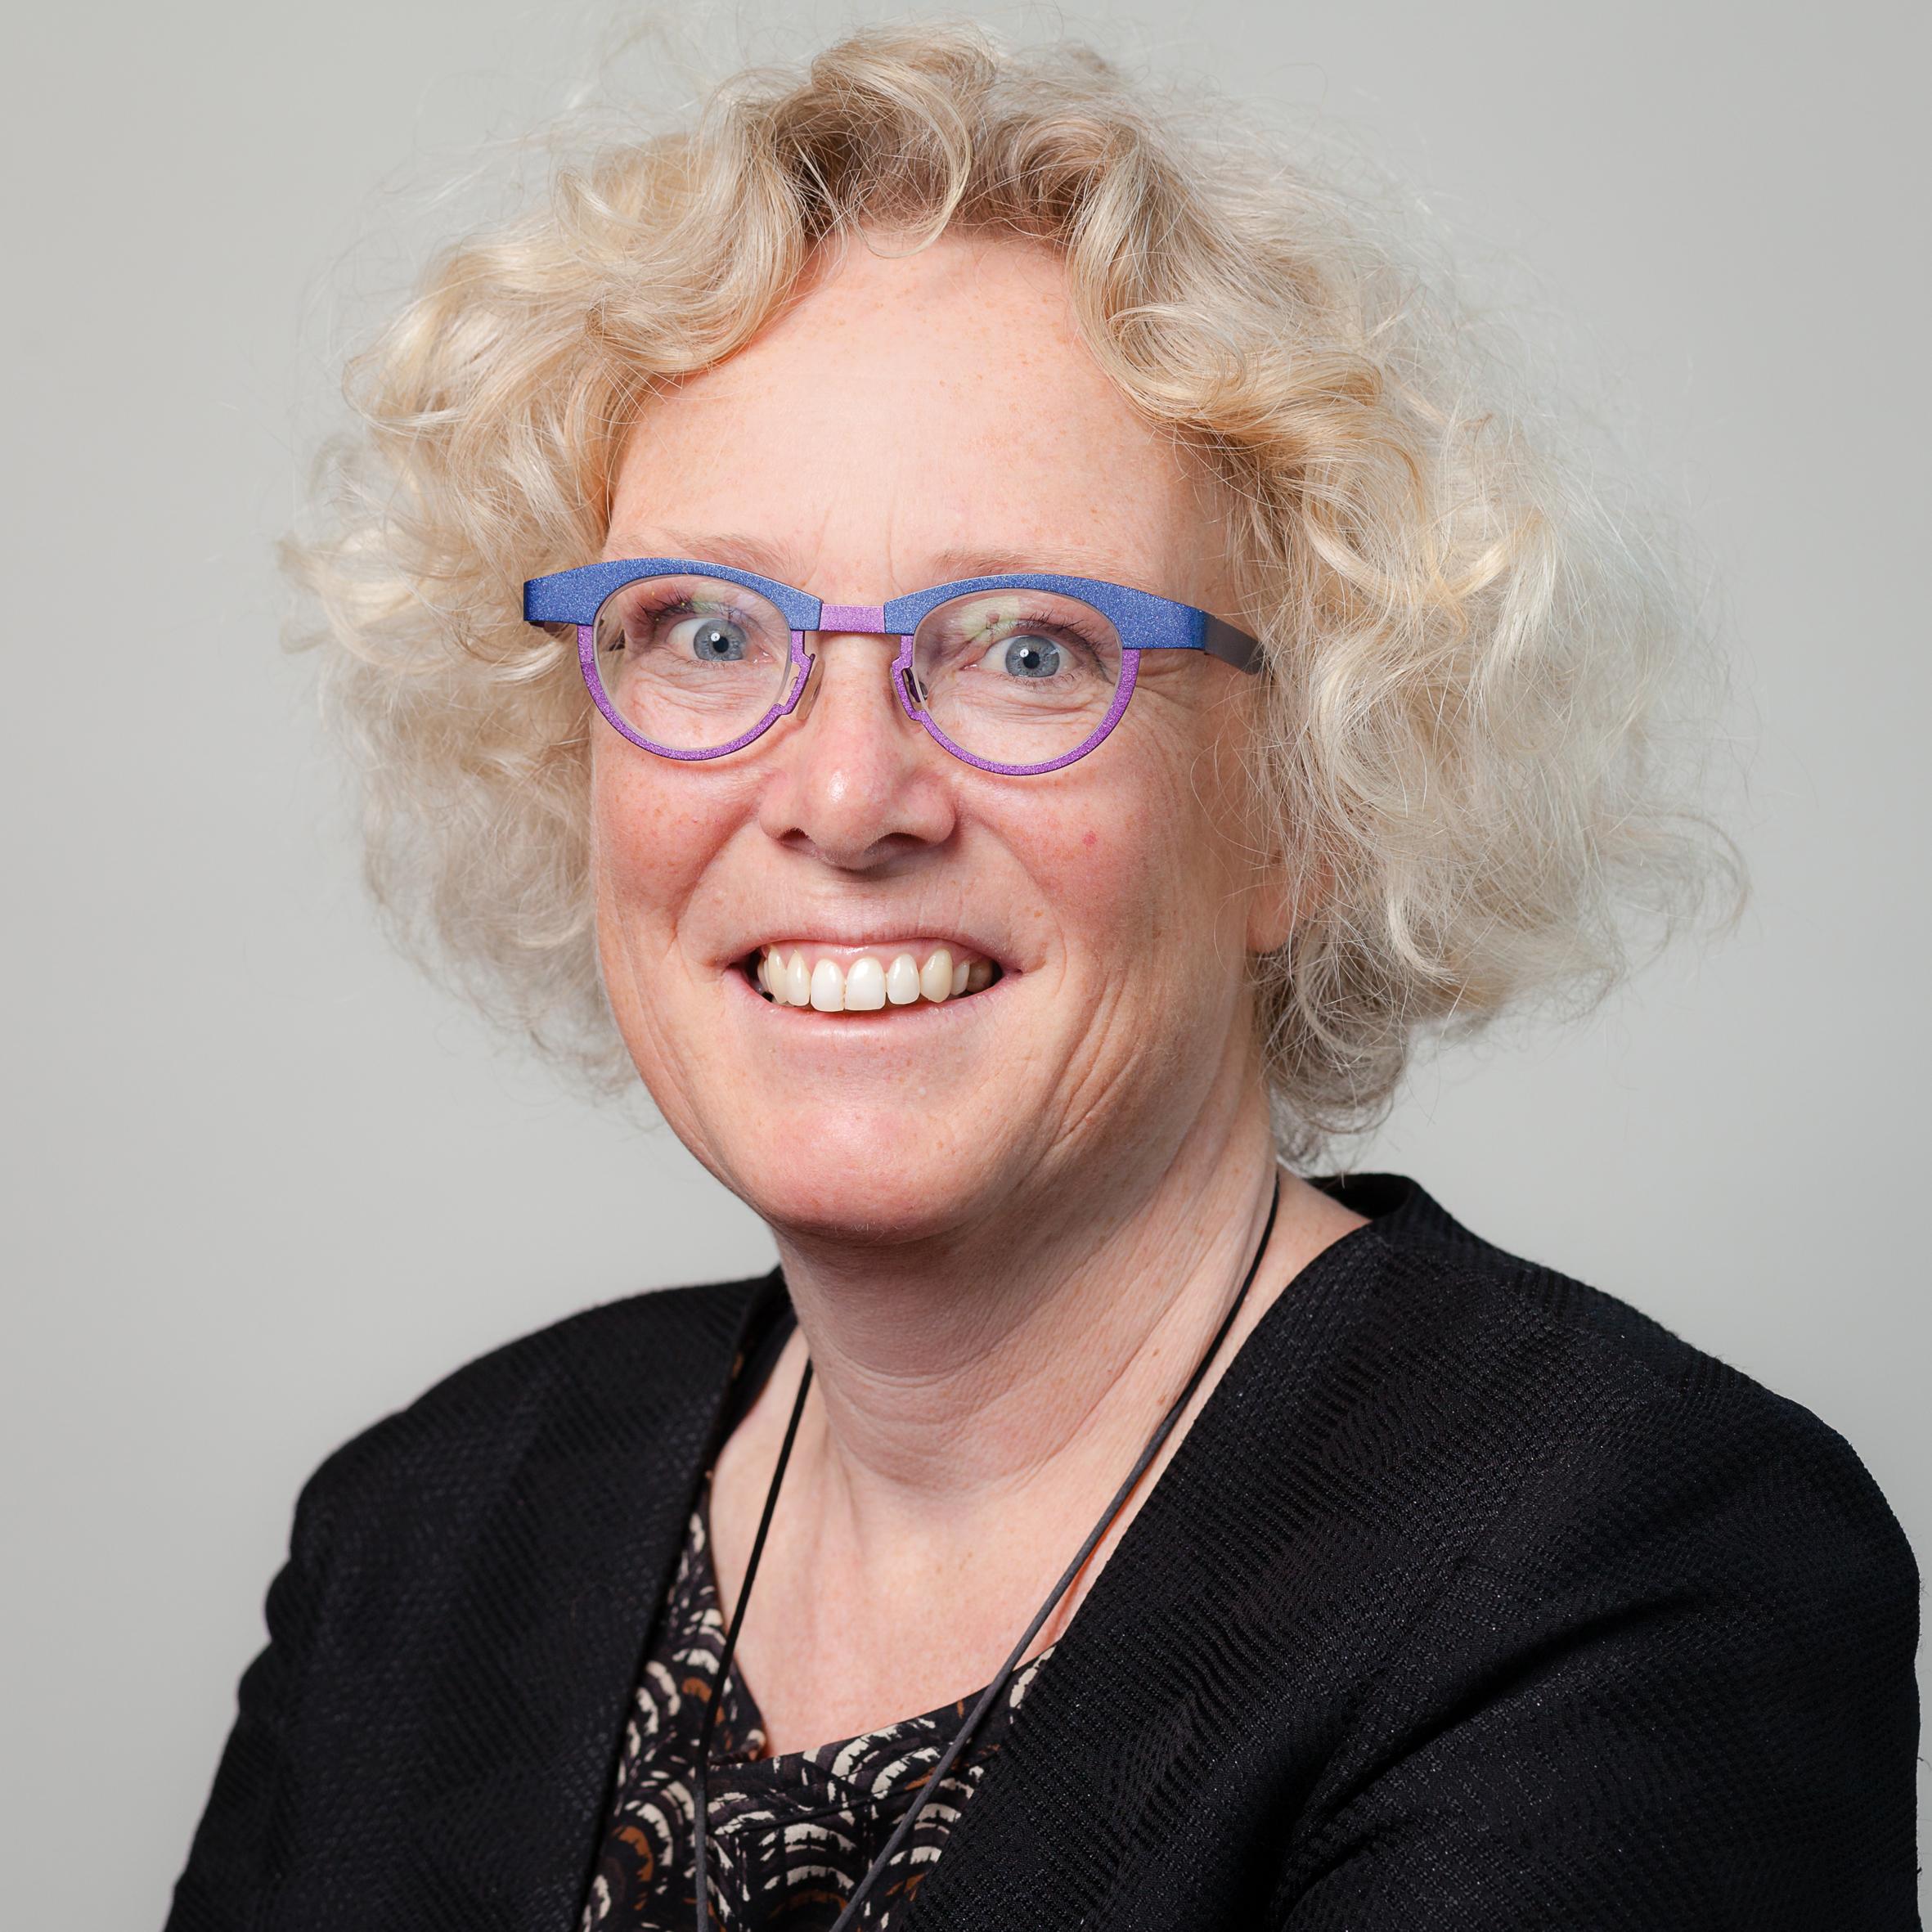 Marion van Schaik